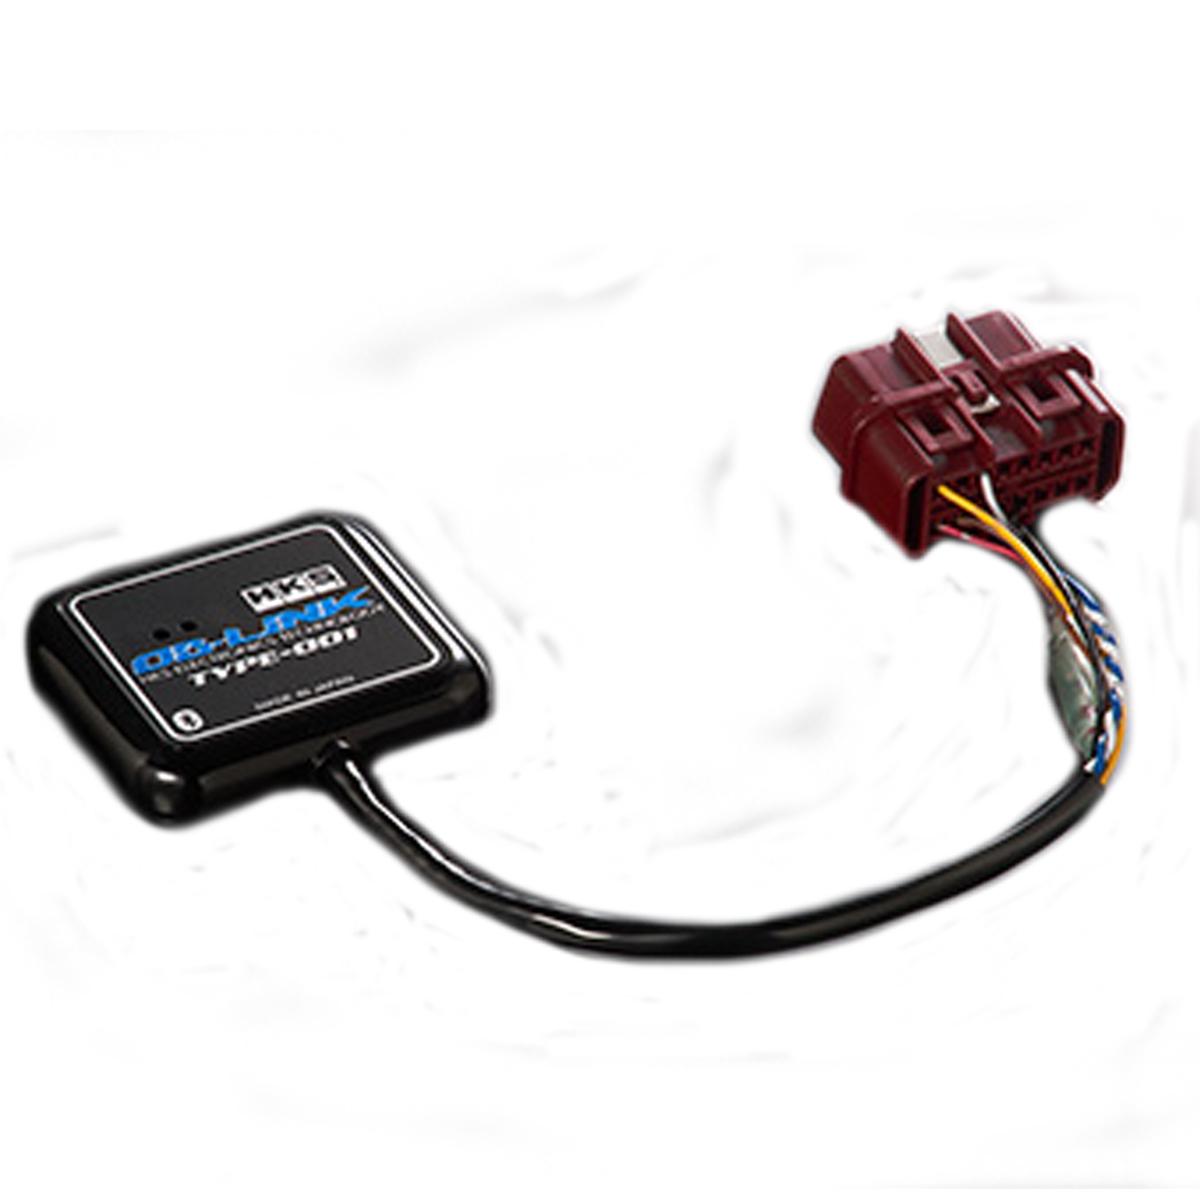 ストリーム モニター OBリンク タイプ 001 RN3 RN4 HKS 44009-AK002 エレクトリニクス 個人宅発送追金有